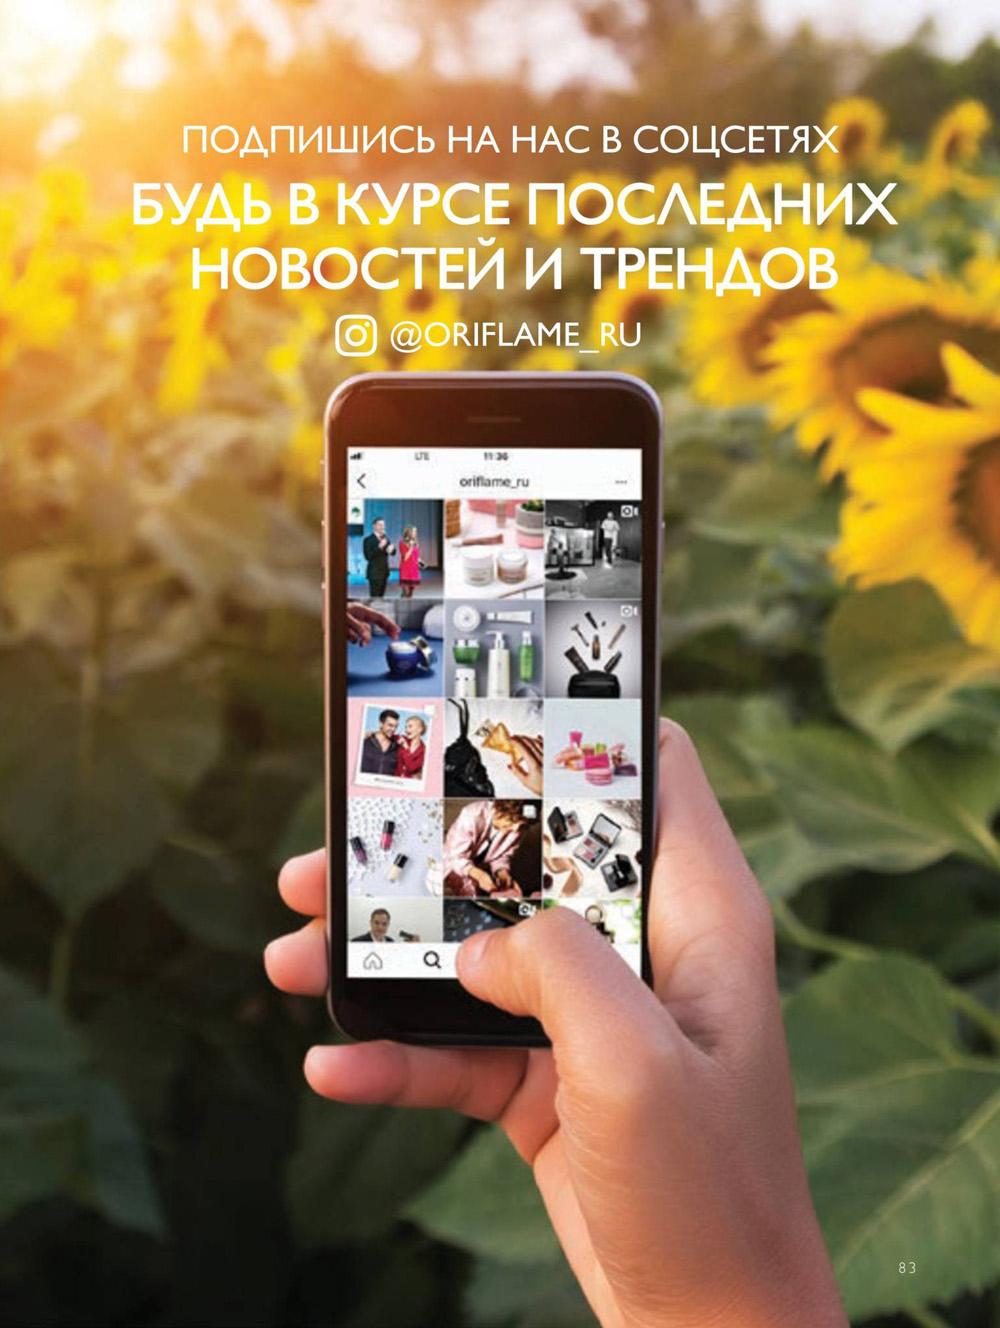 Старица 83, книга красоты Орифлейм Лето 2018, Россия